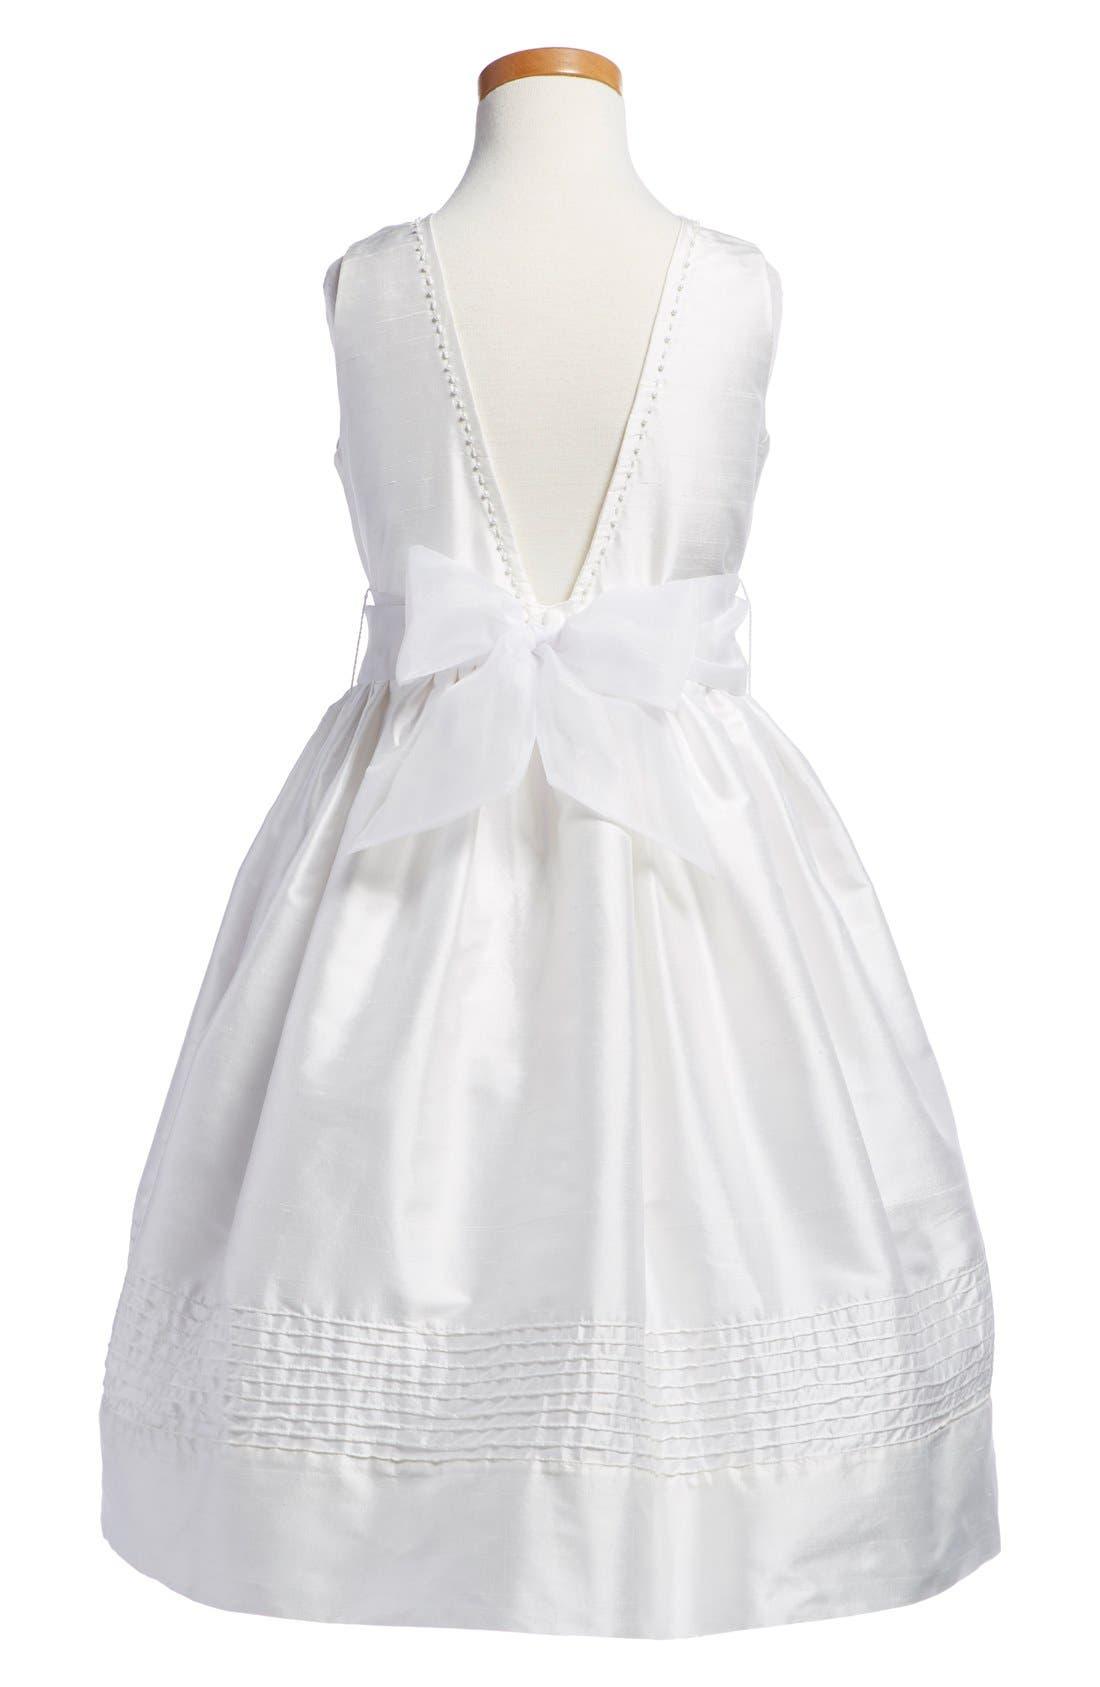 Alternate Image 2  - Isabel Garreton 'Melody' Sleeveless Dress (Toddler Girls)